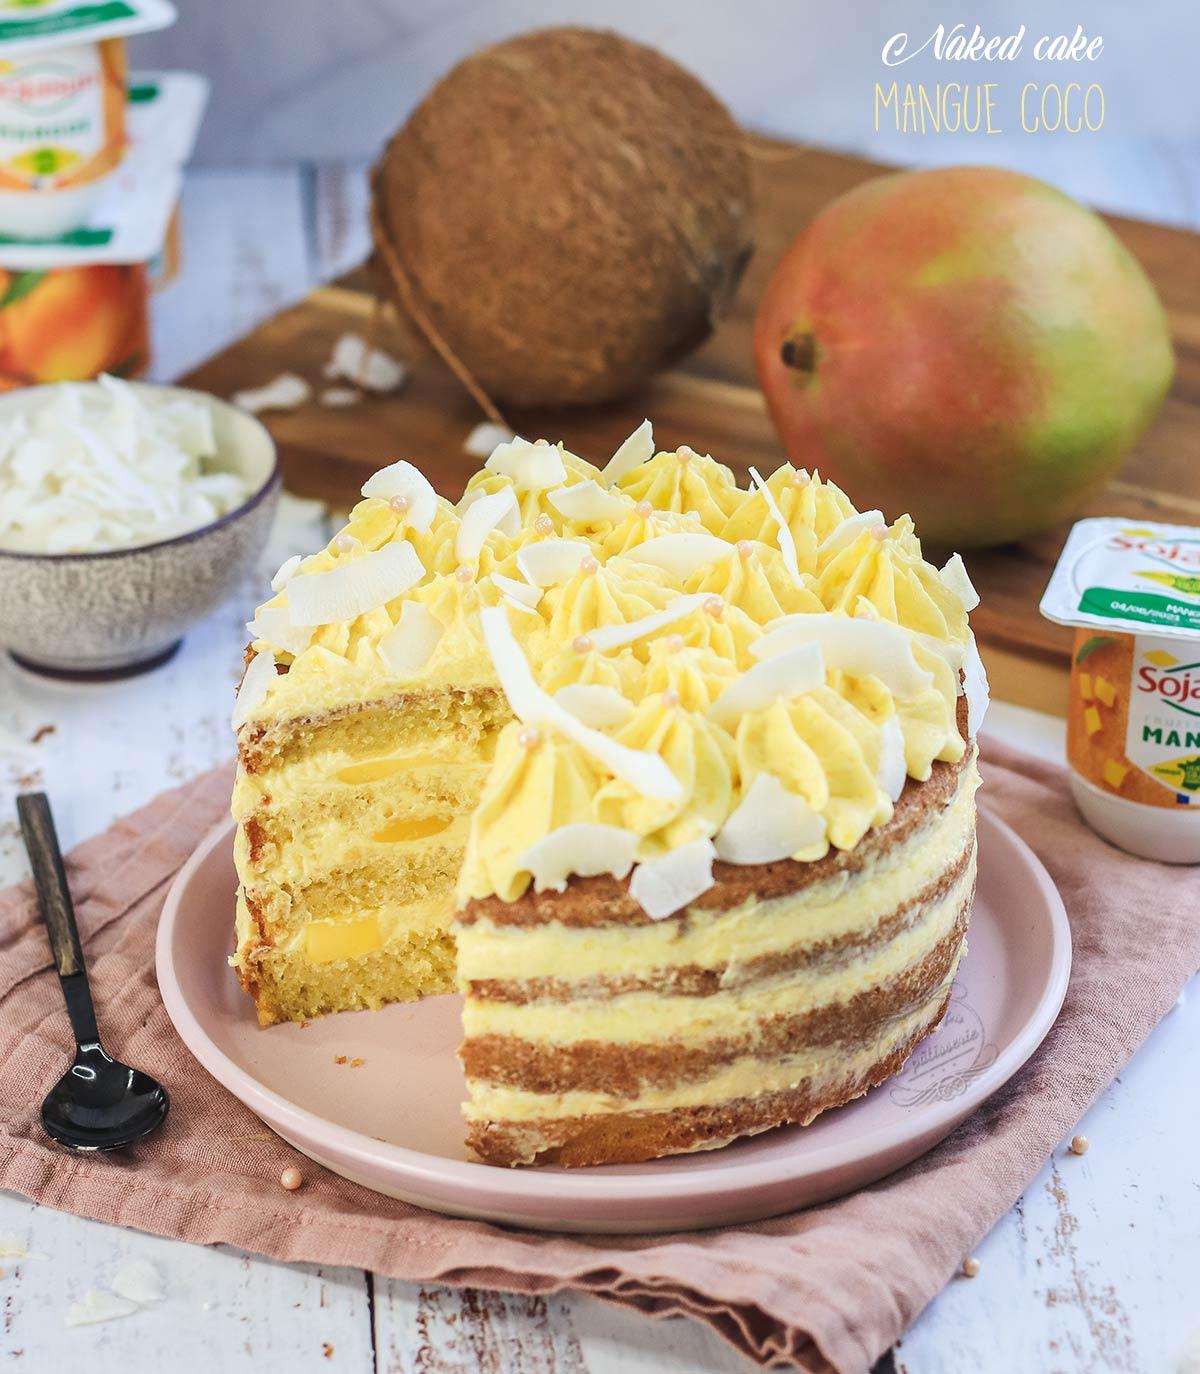 naked-cake-mangue-noix-de-coco